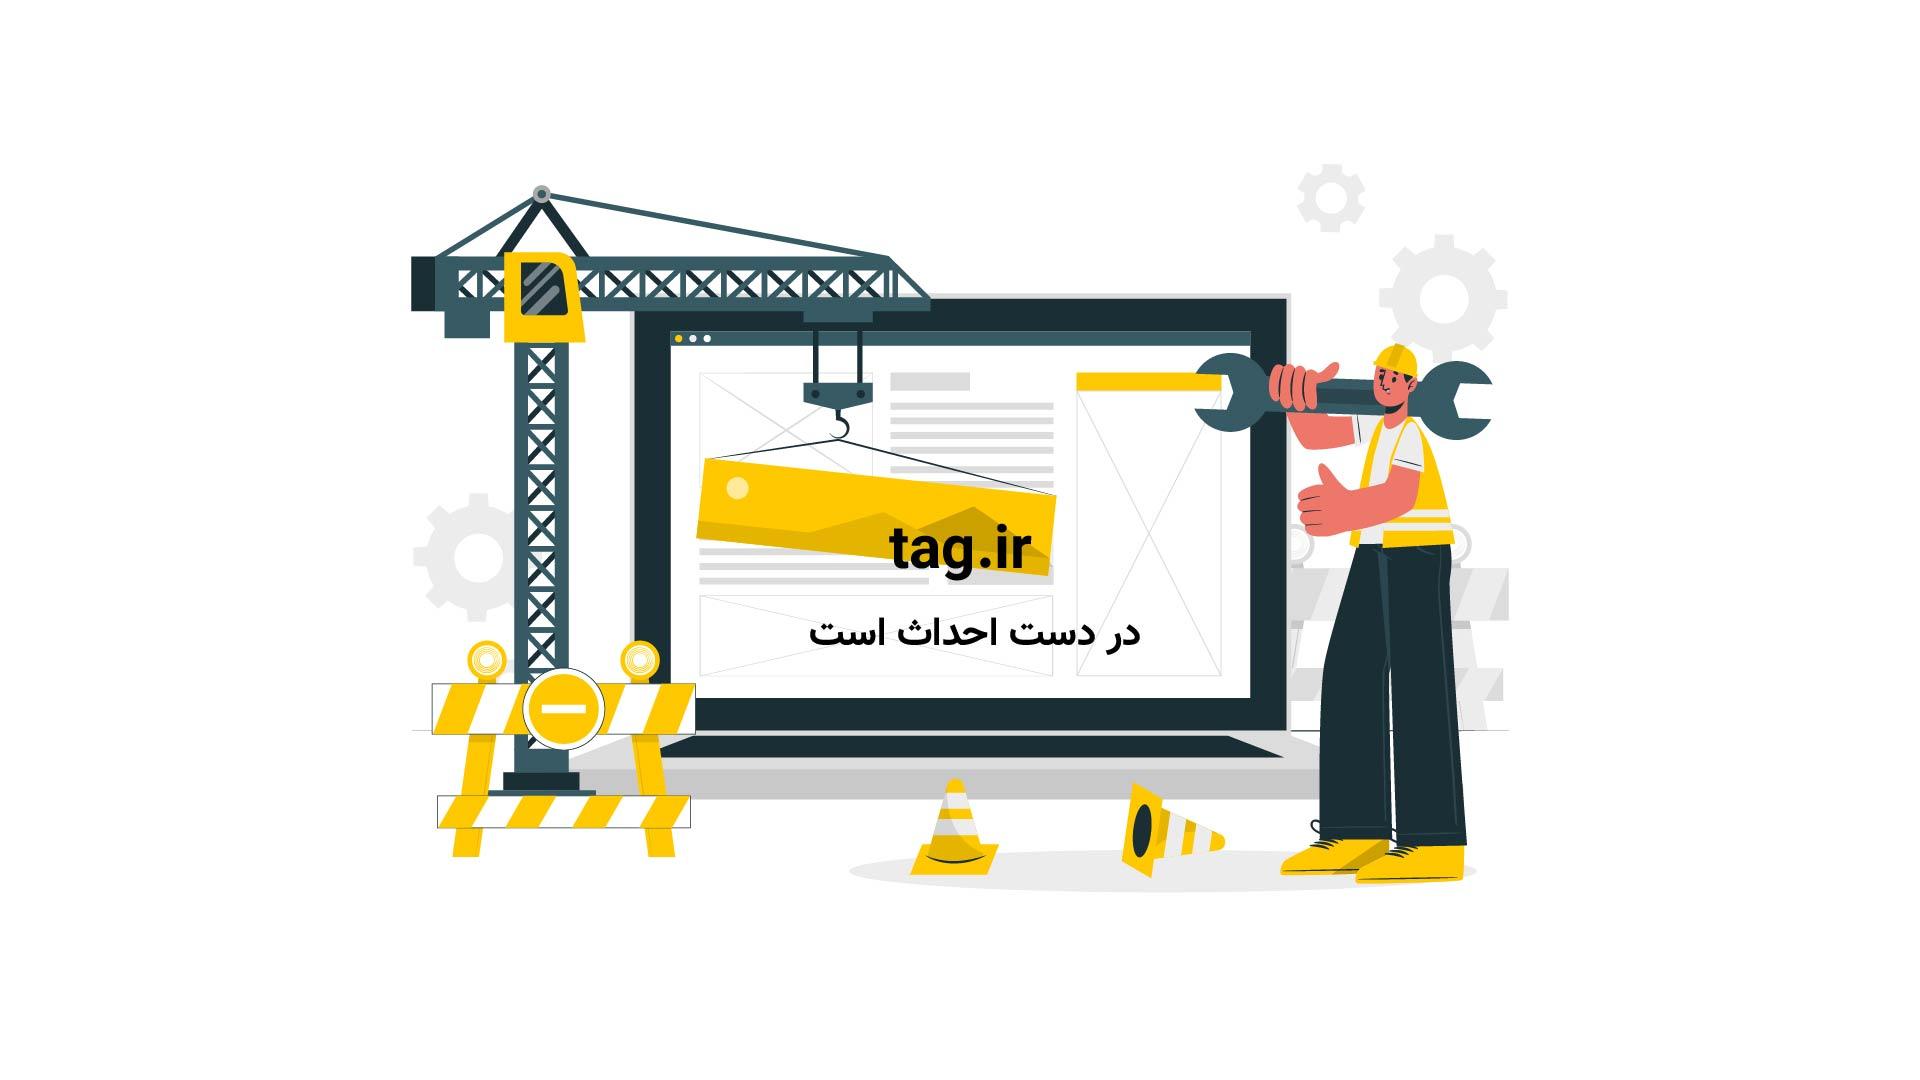 عینک-هوشمند-سولوس | تگ